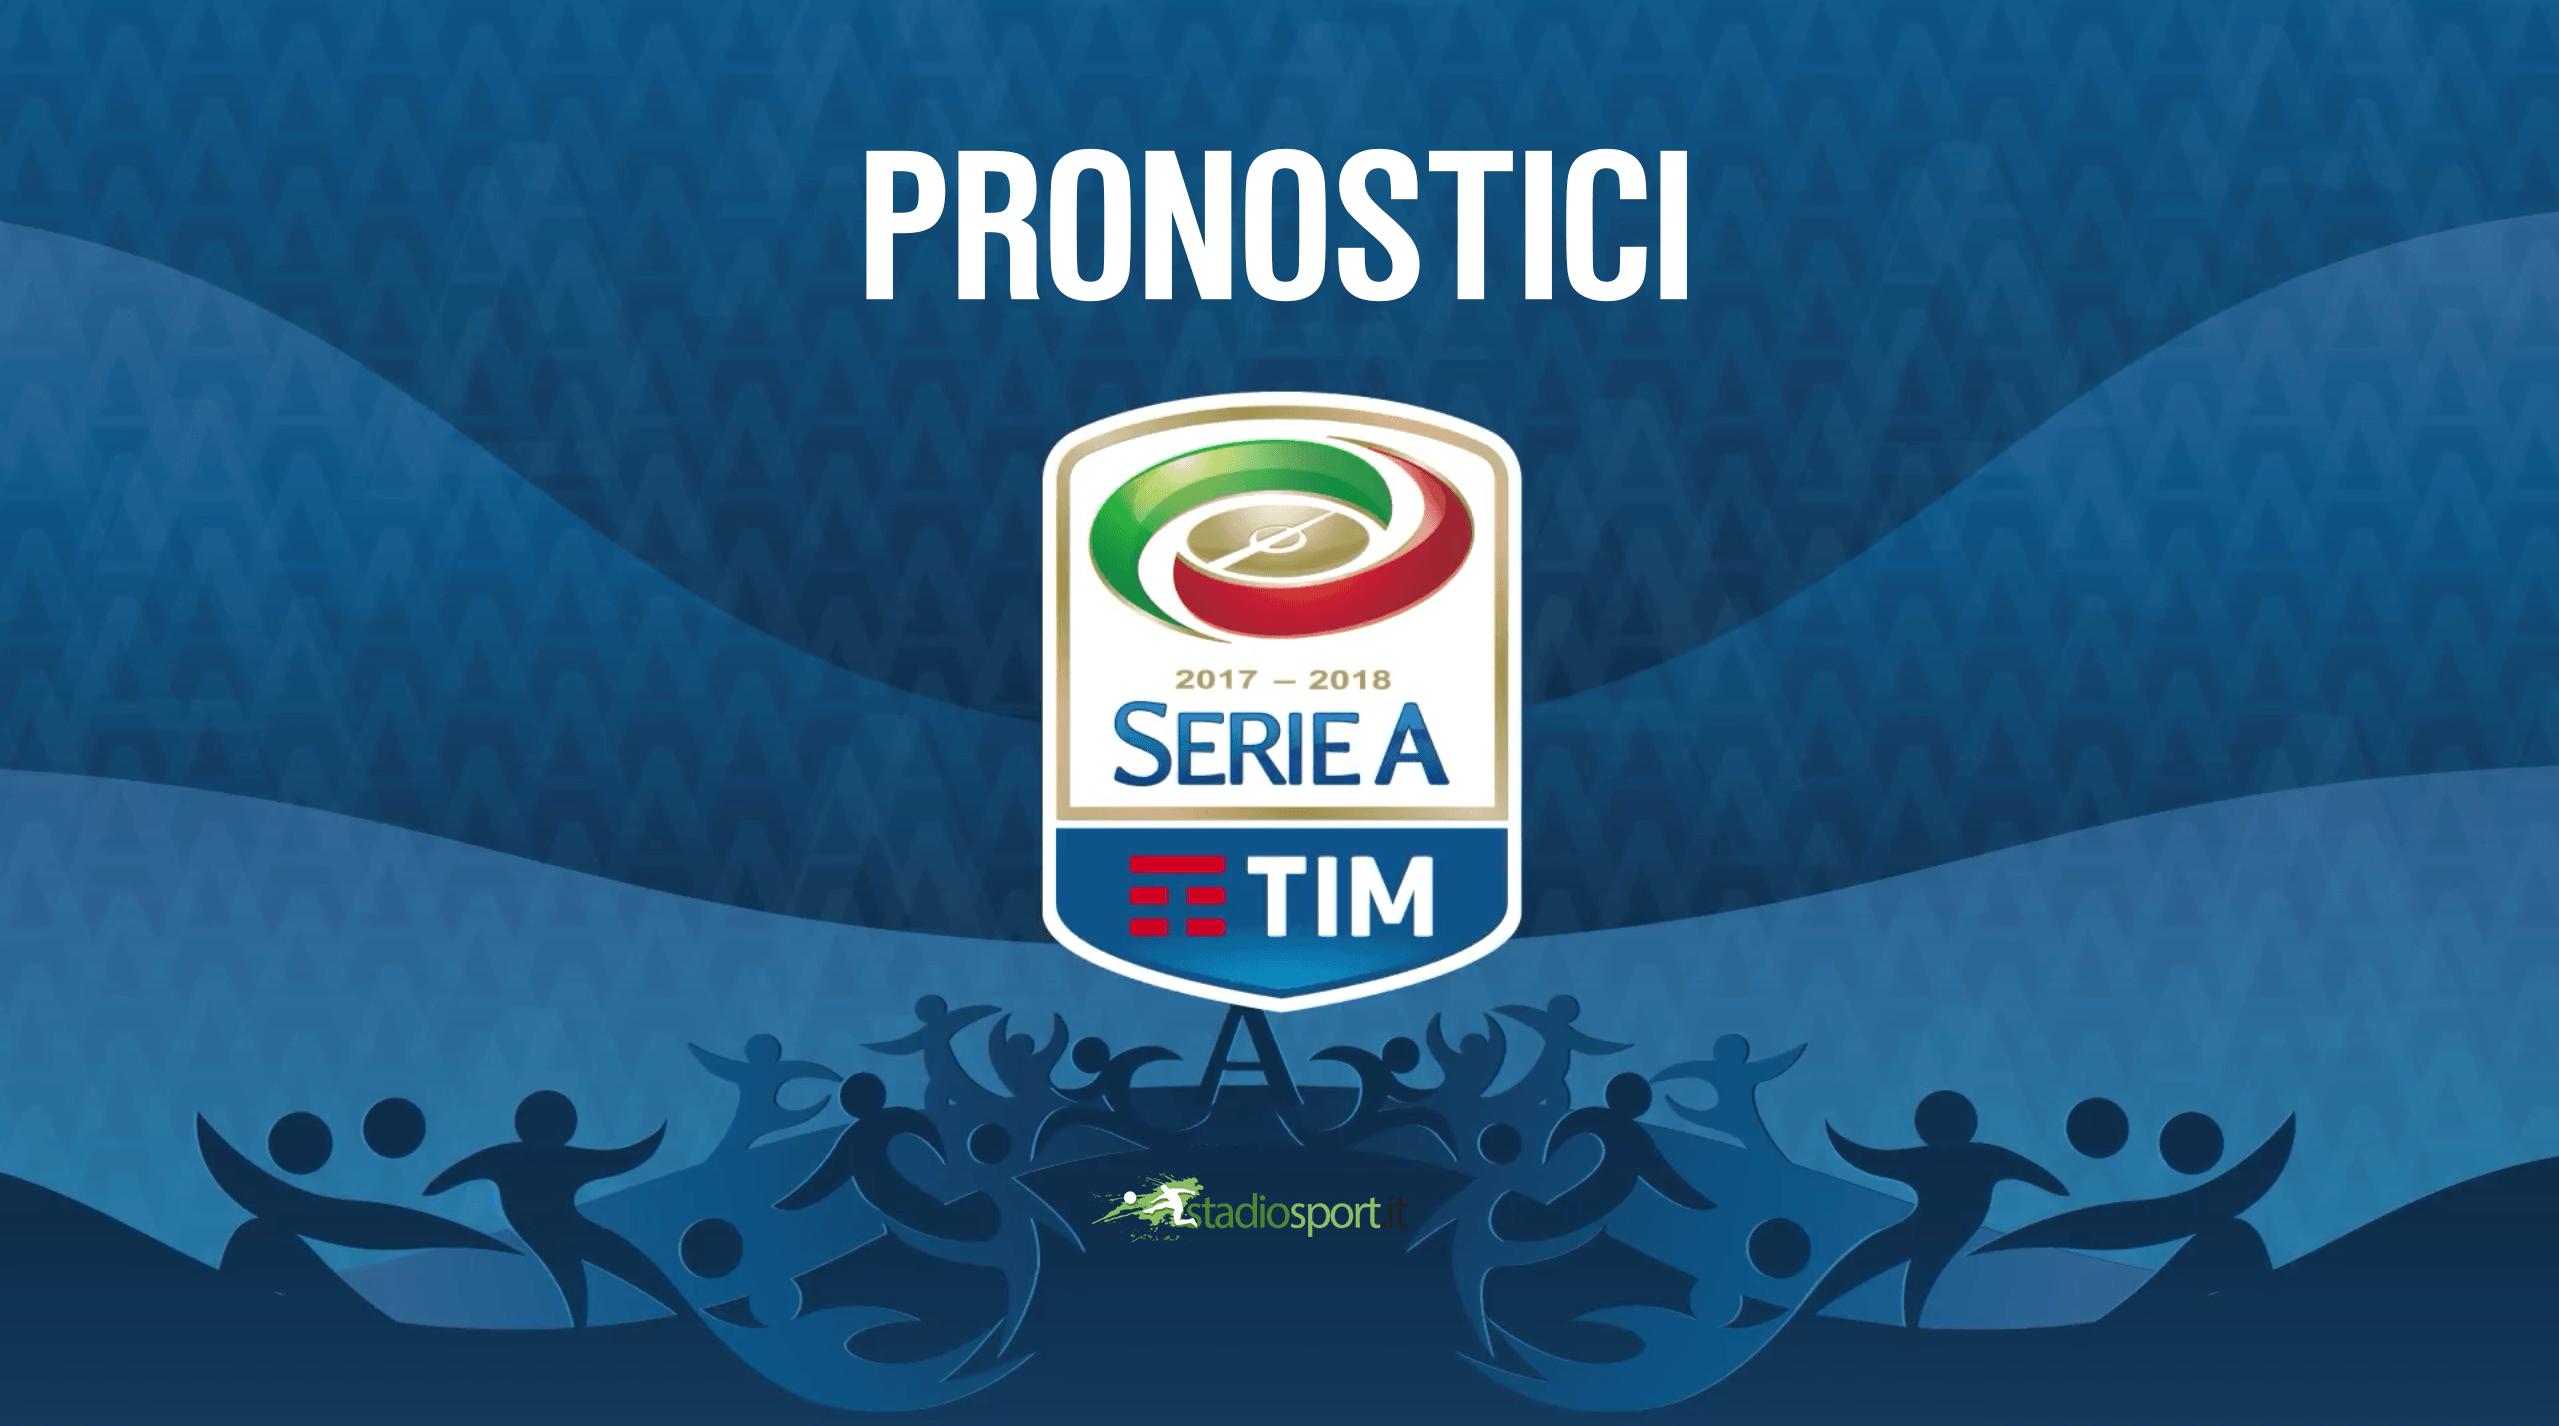 Pronostici Scommesse Calcio Oggi Partite 38 Giornata Serie A 19 20 05 2018 Stadiosport It